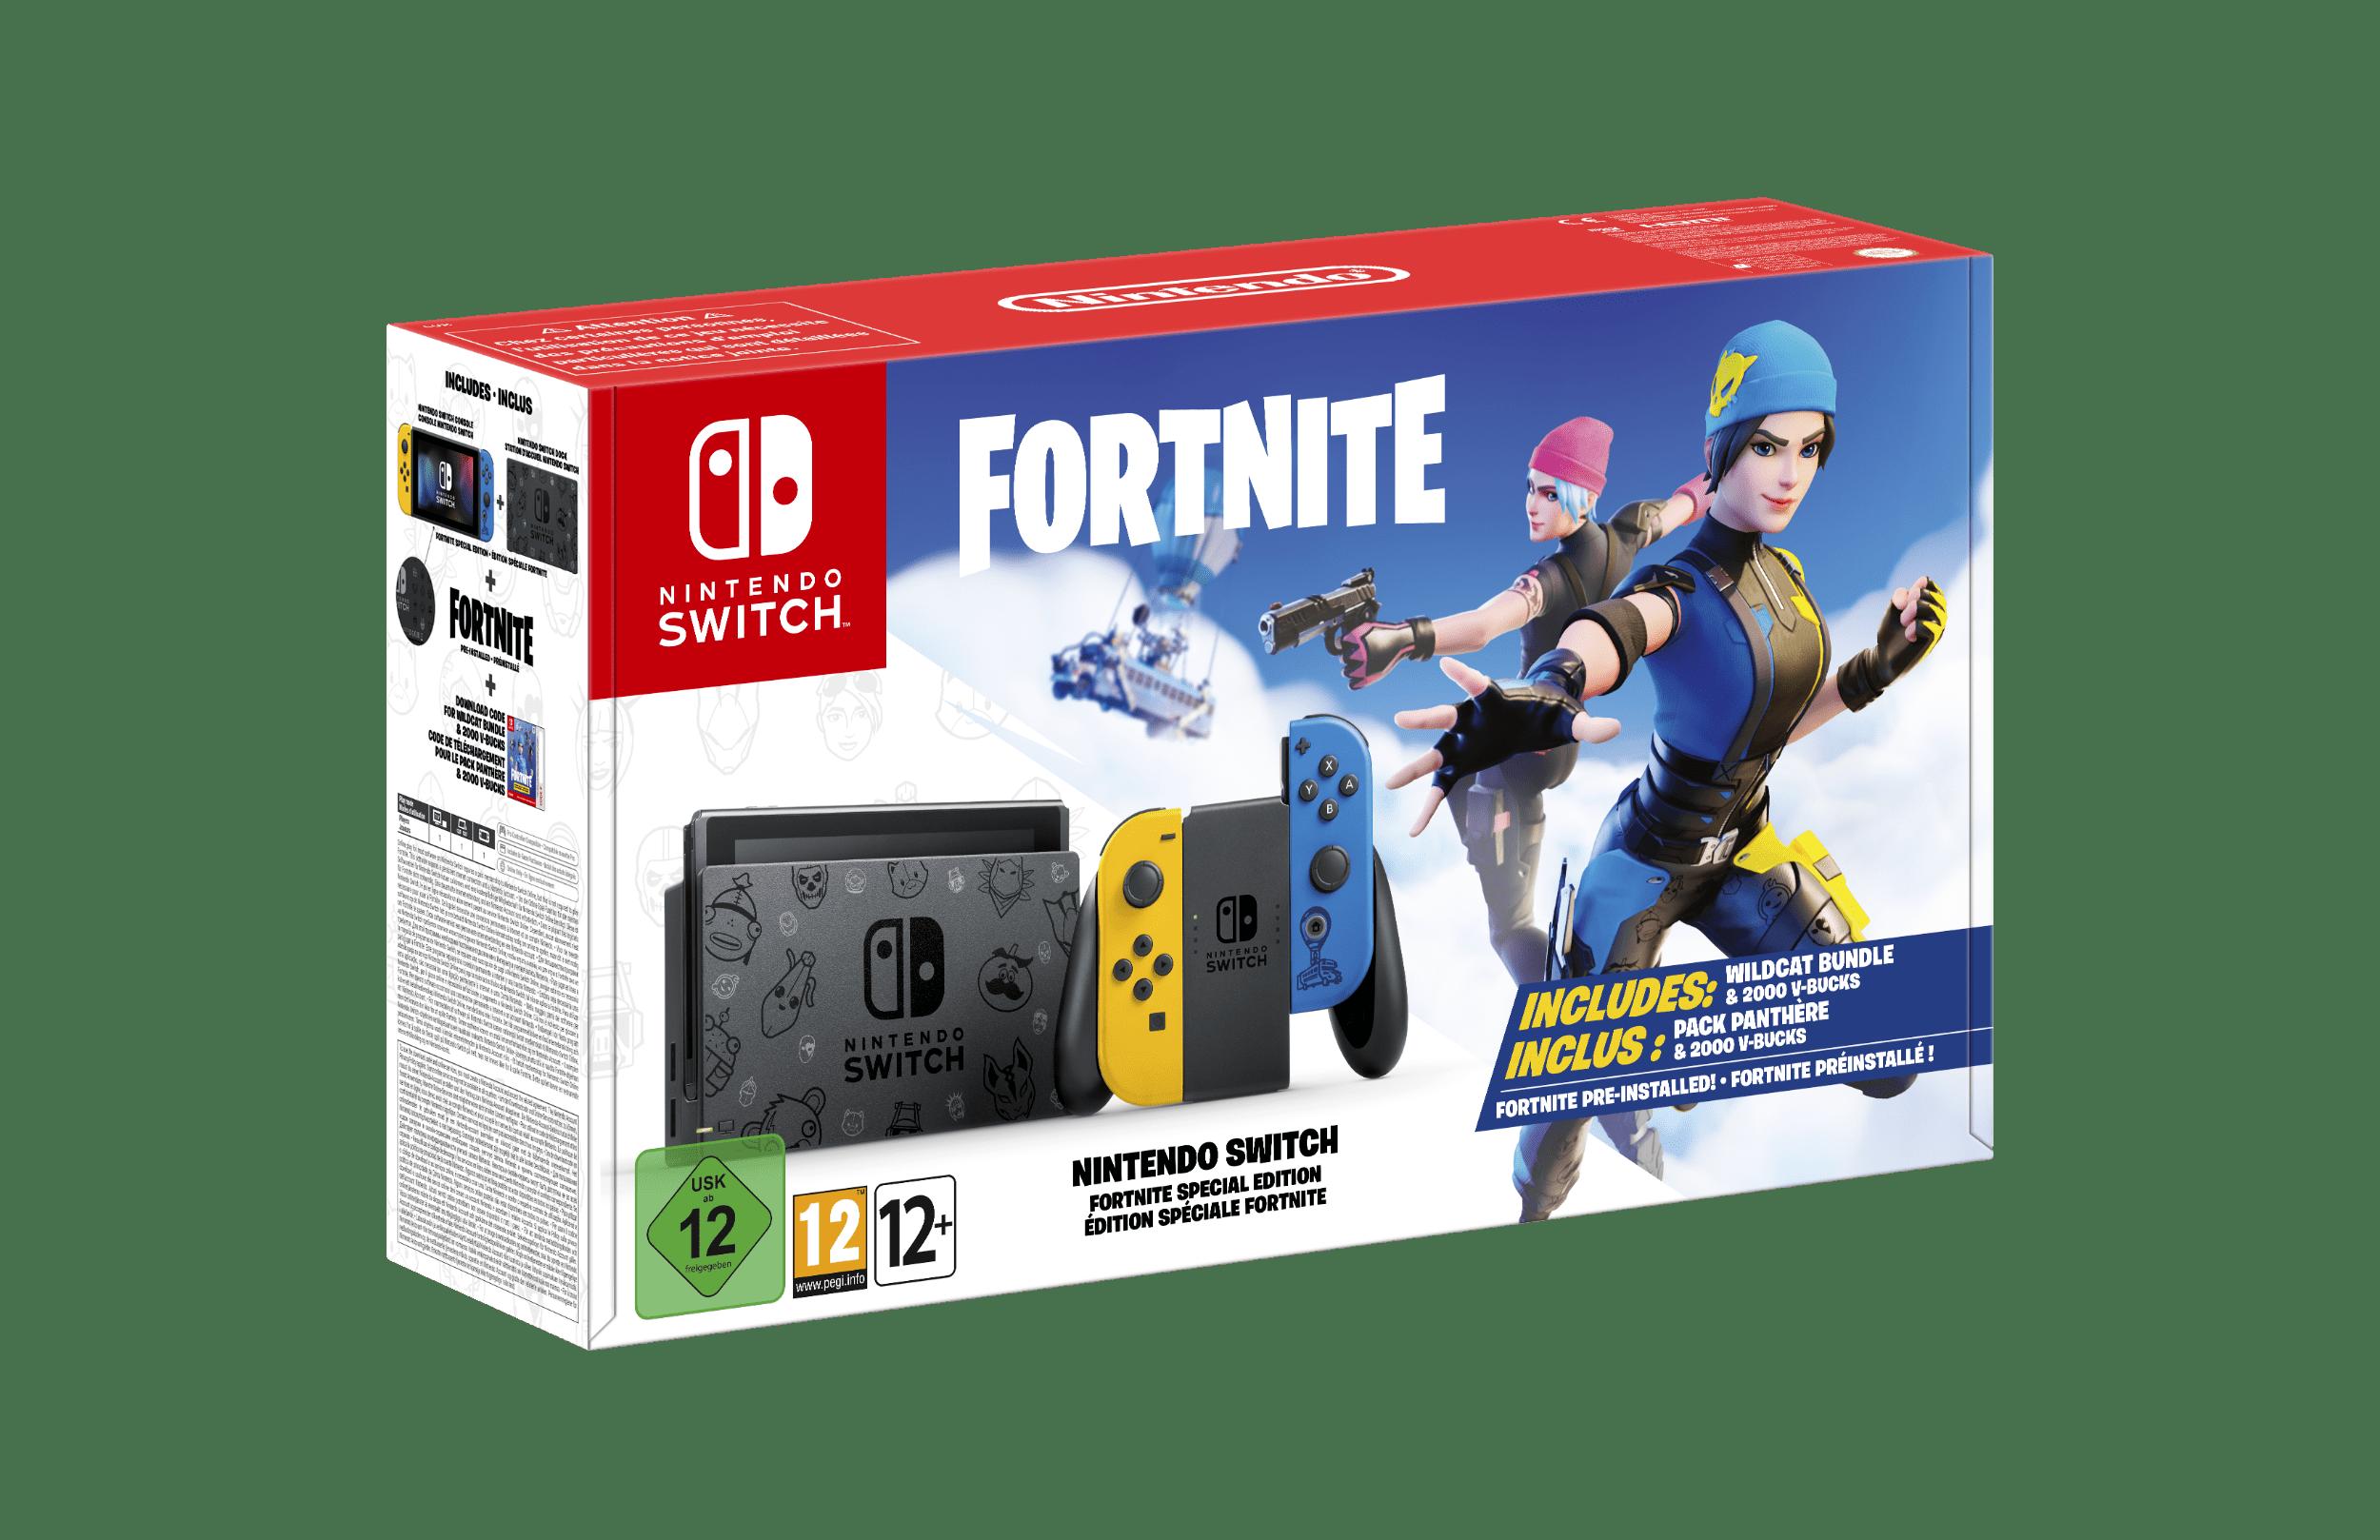 Nintendo Switch : Un pack édition spéciale Fortnite annoncée en Europe 15997210